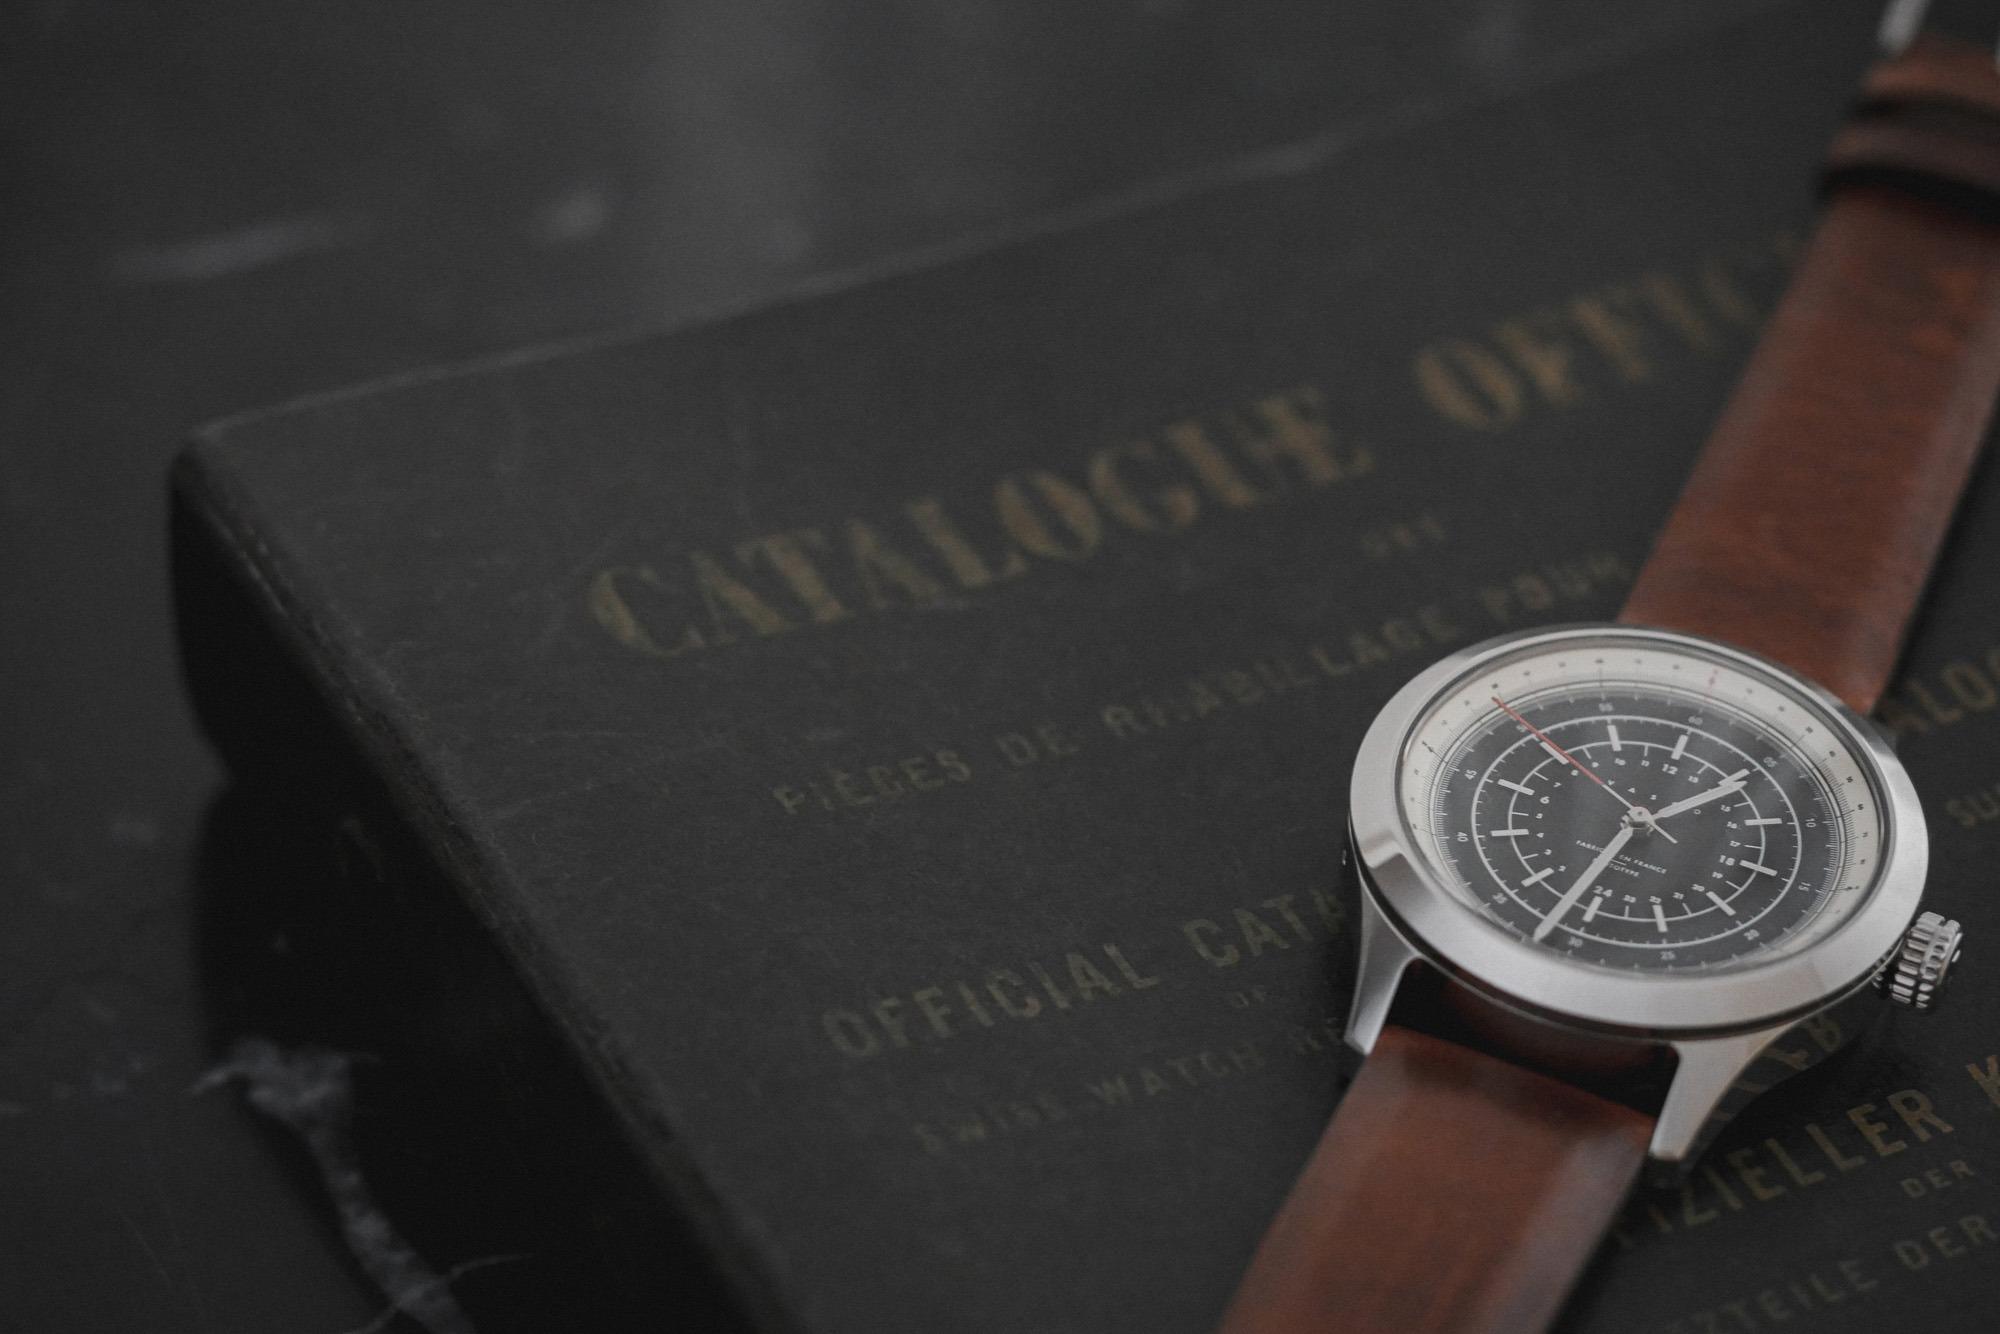 Vasco : montres 24 heures françaises et automatiques